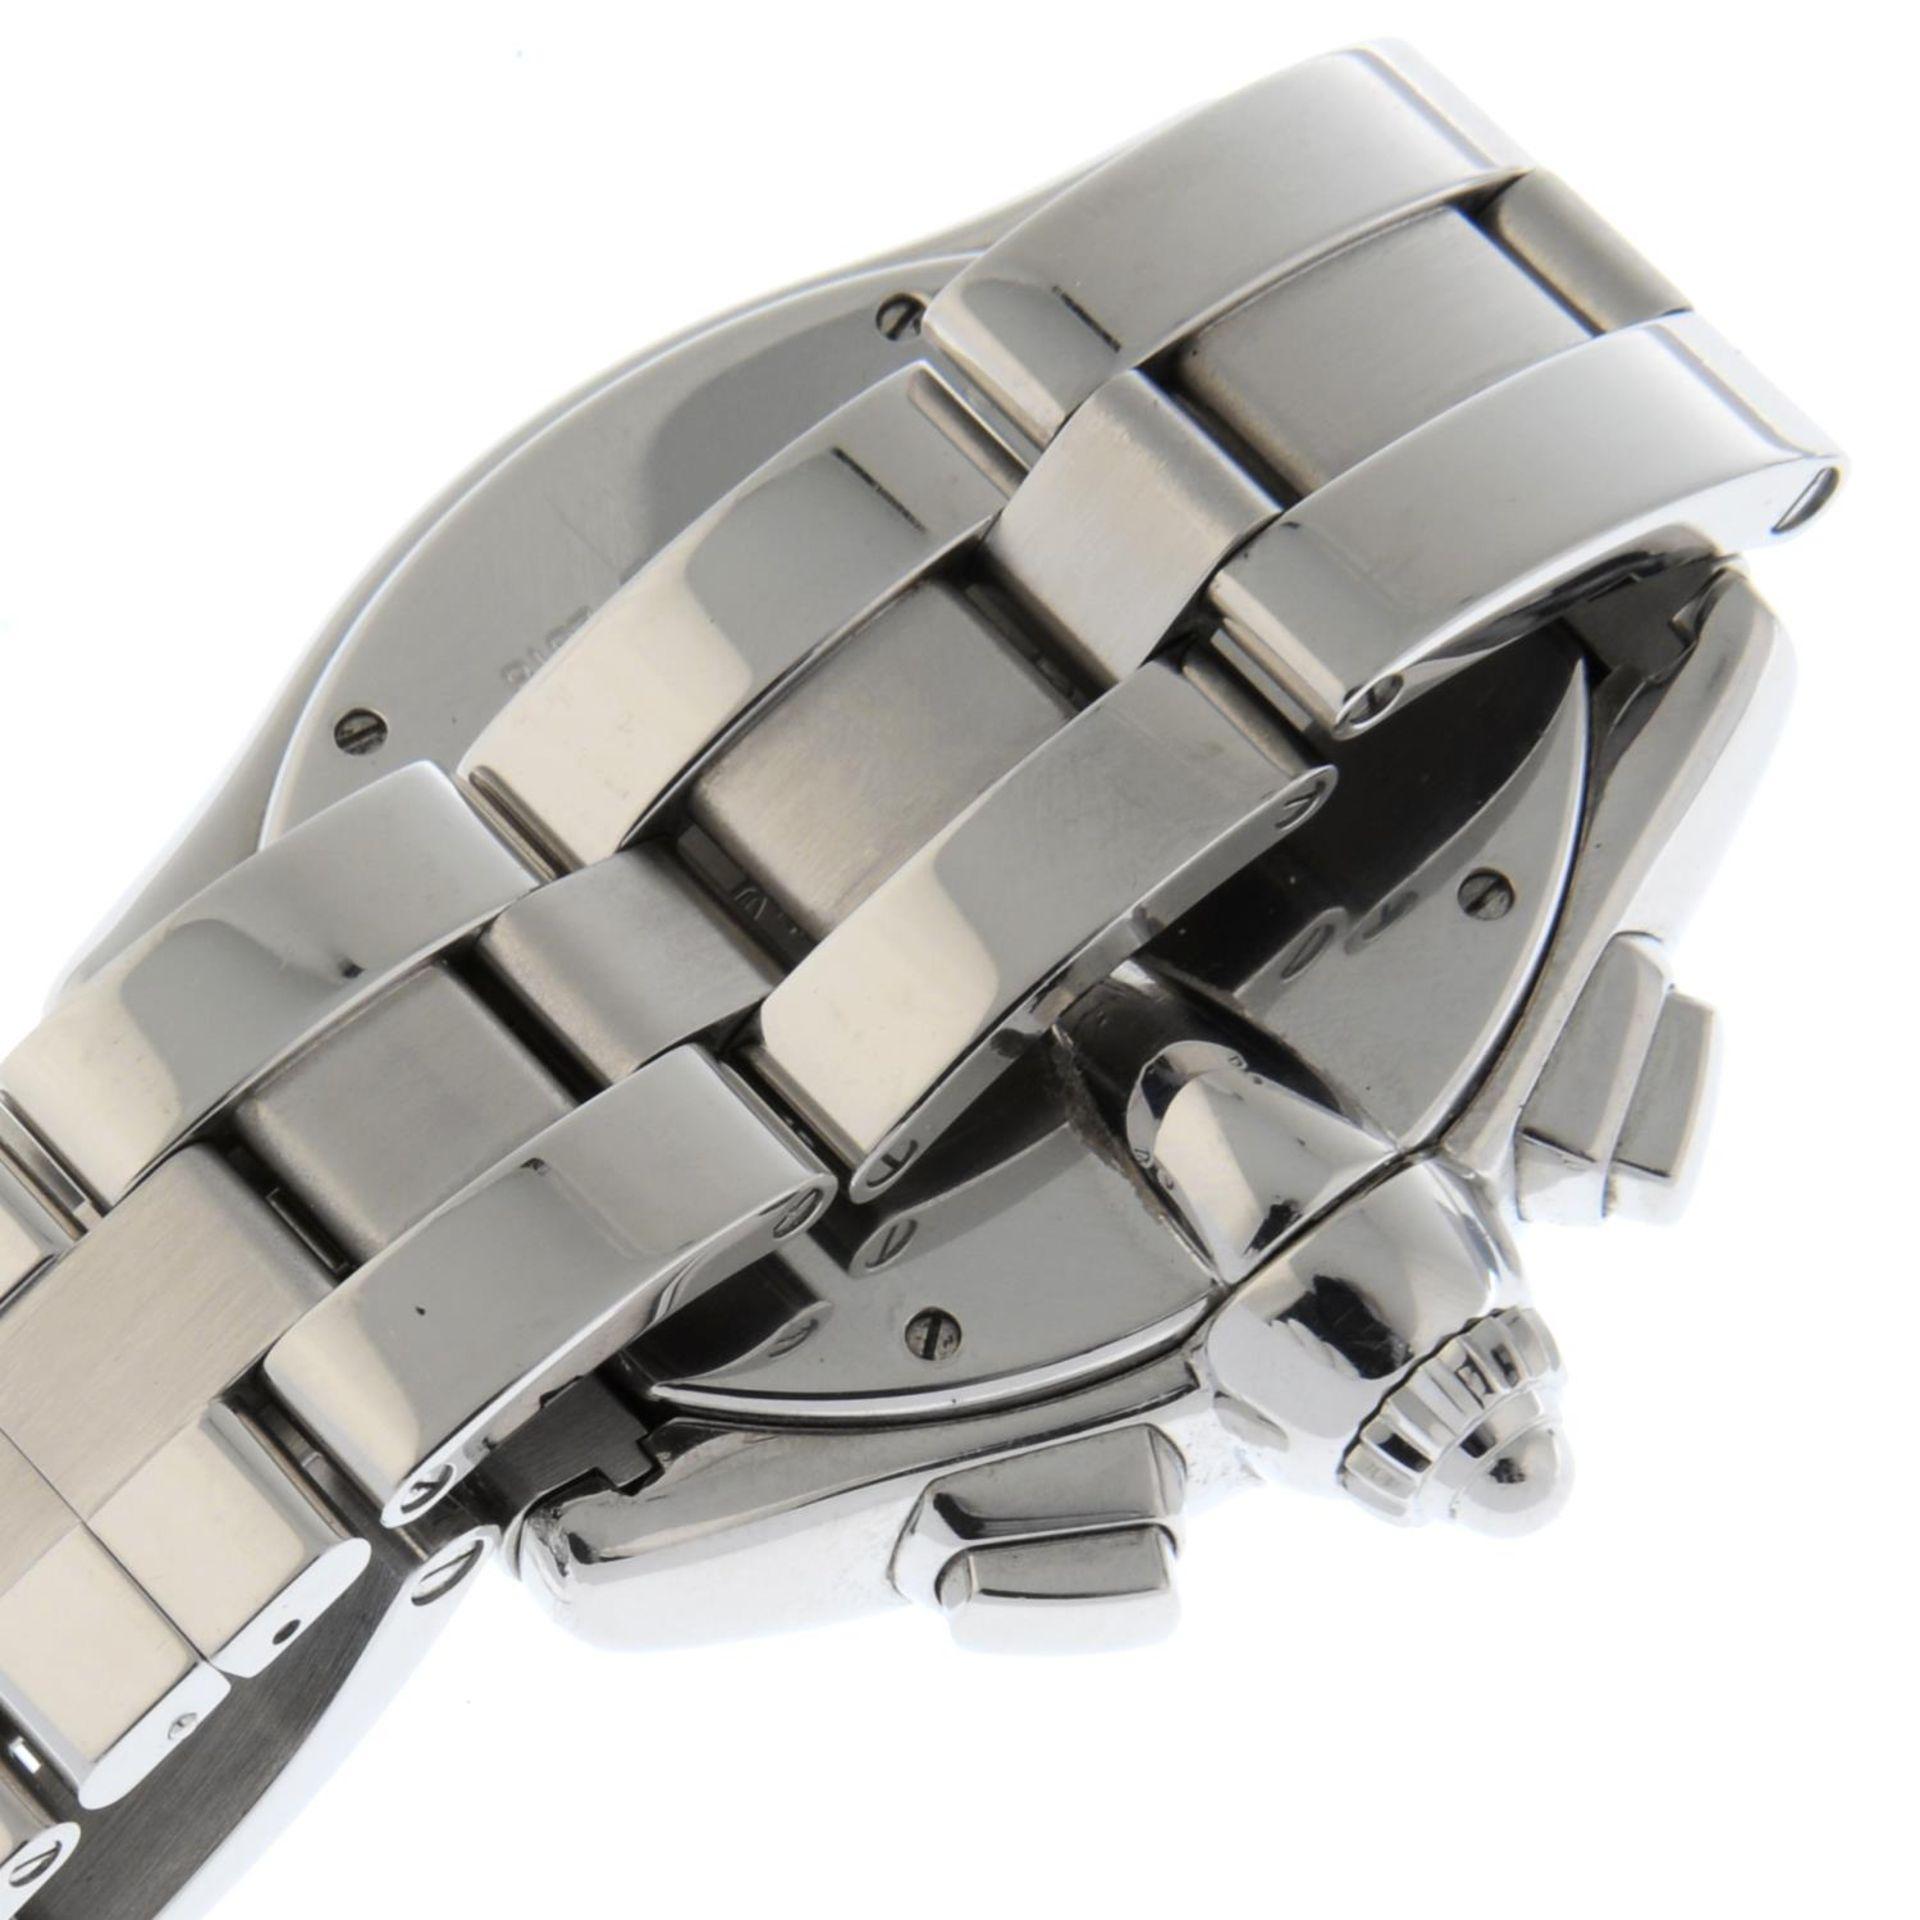 CARTIER - a Roadster XL chronograph bracelet watch. - Bild 2 aus 6